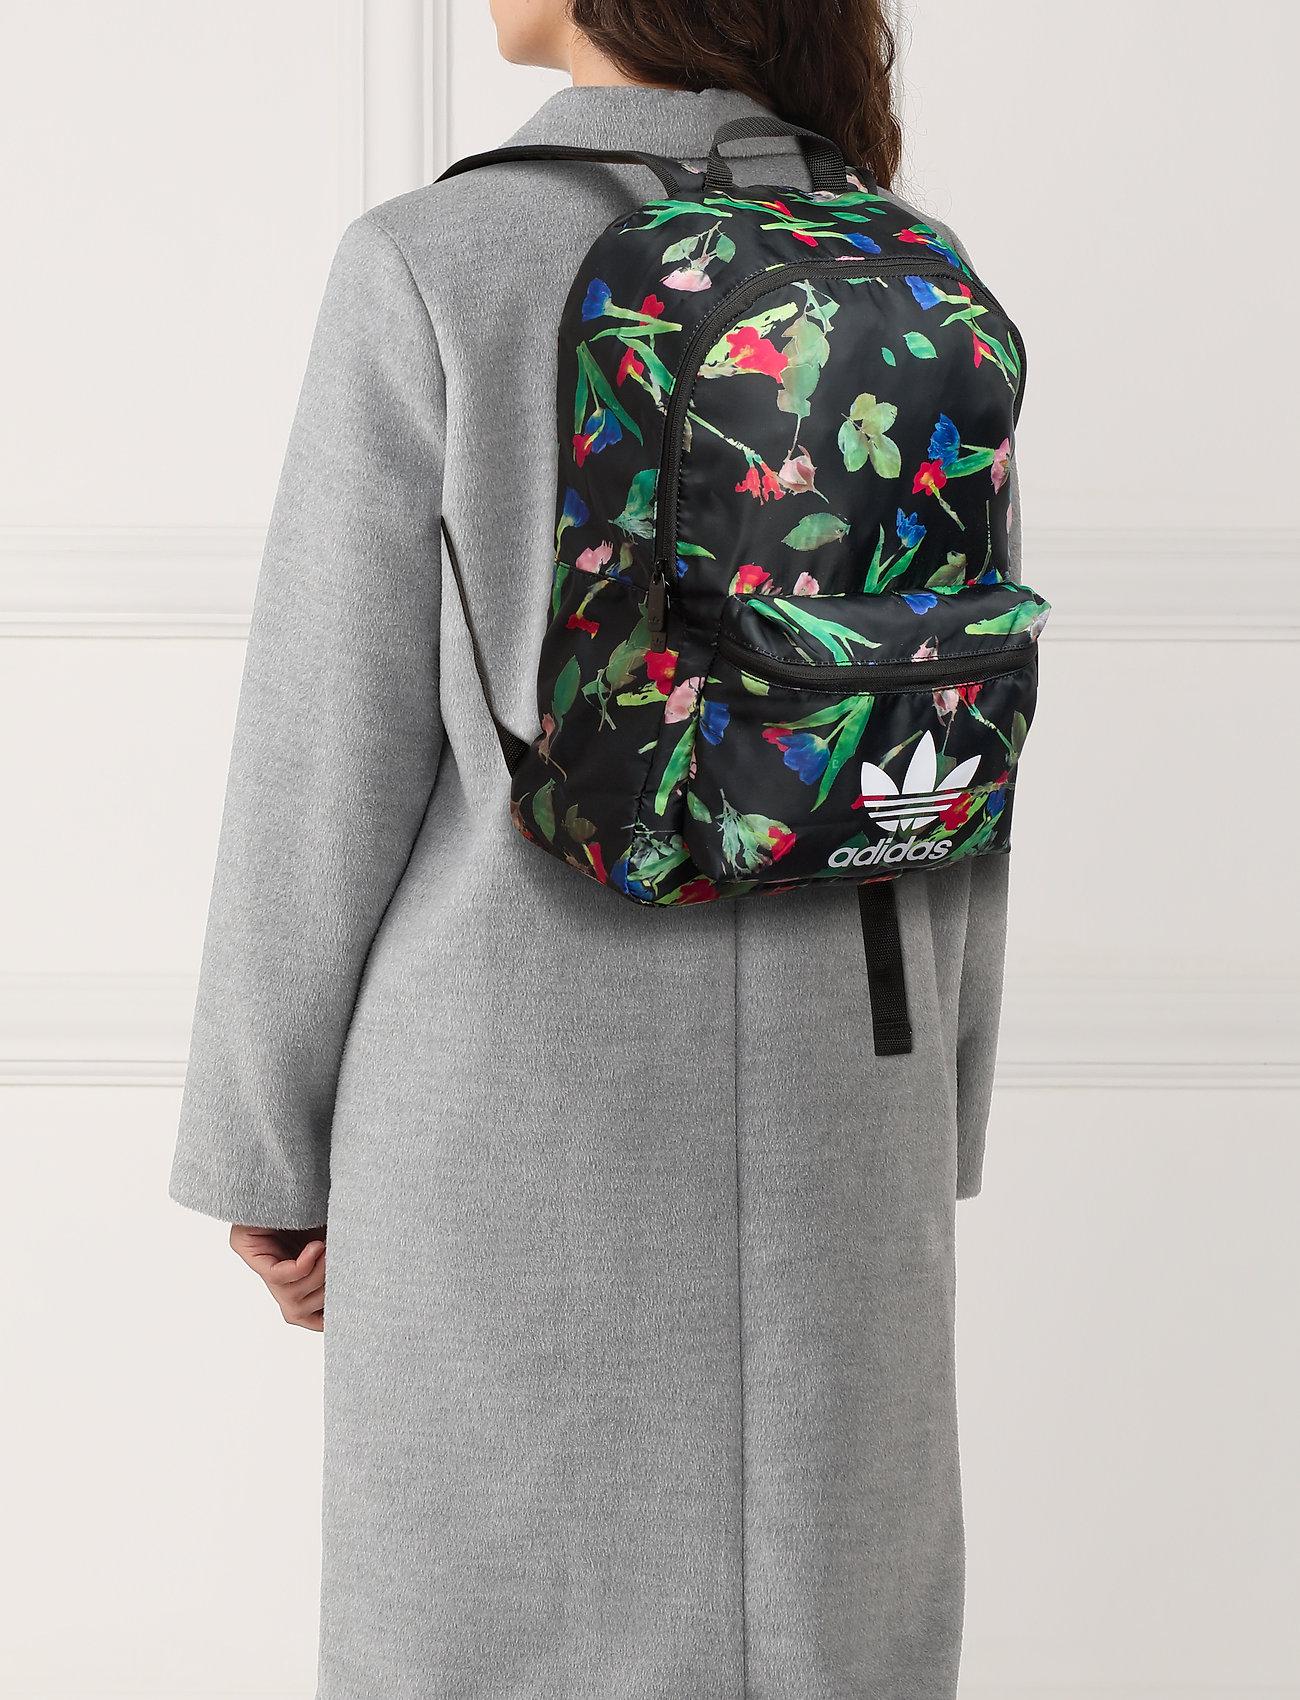 adidas Originals BP CLASSIC - MULTCO/BLACK